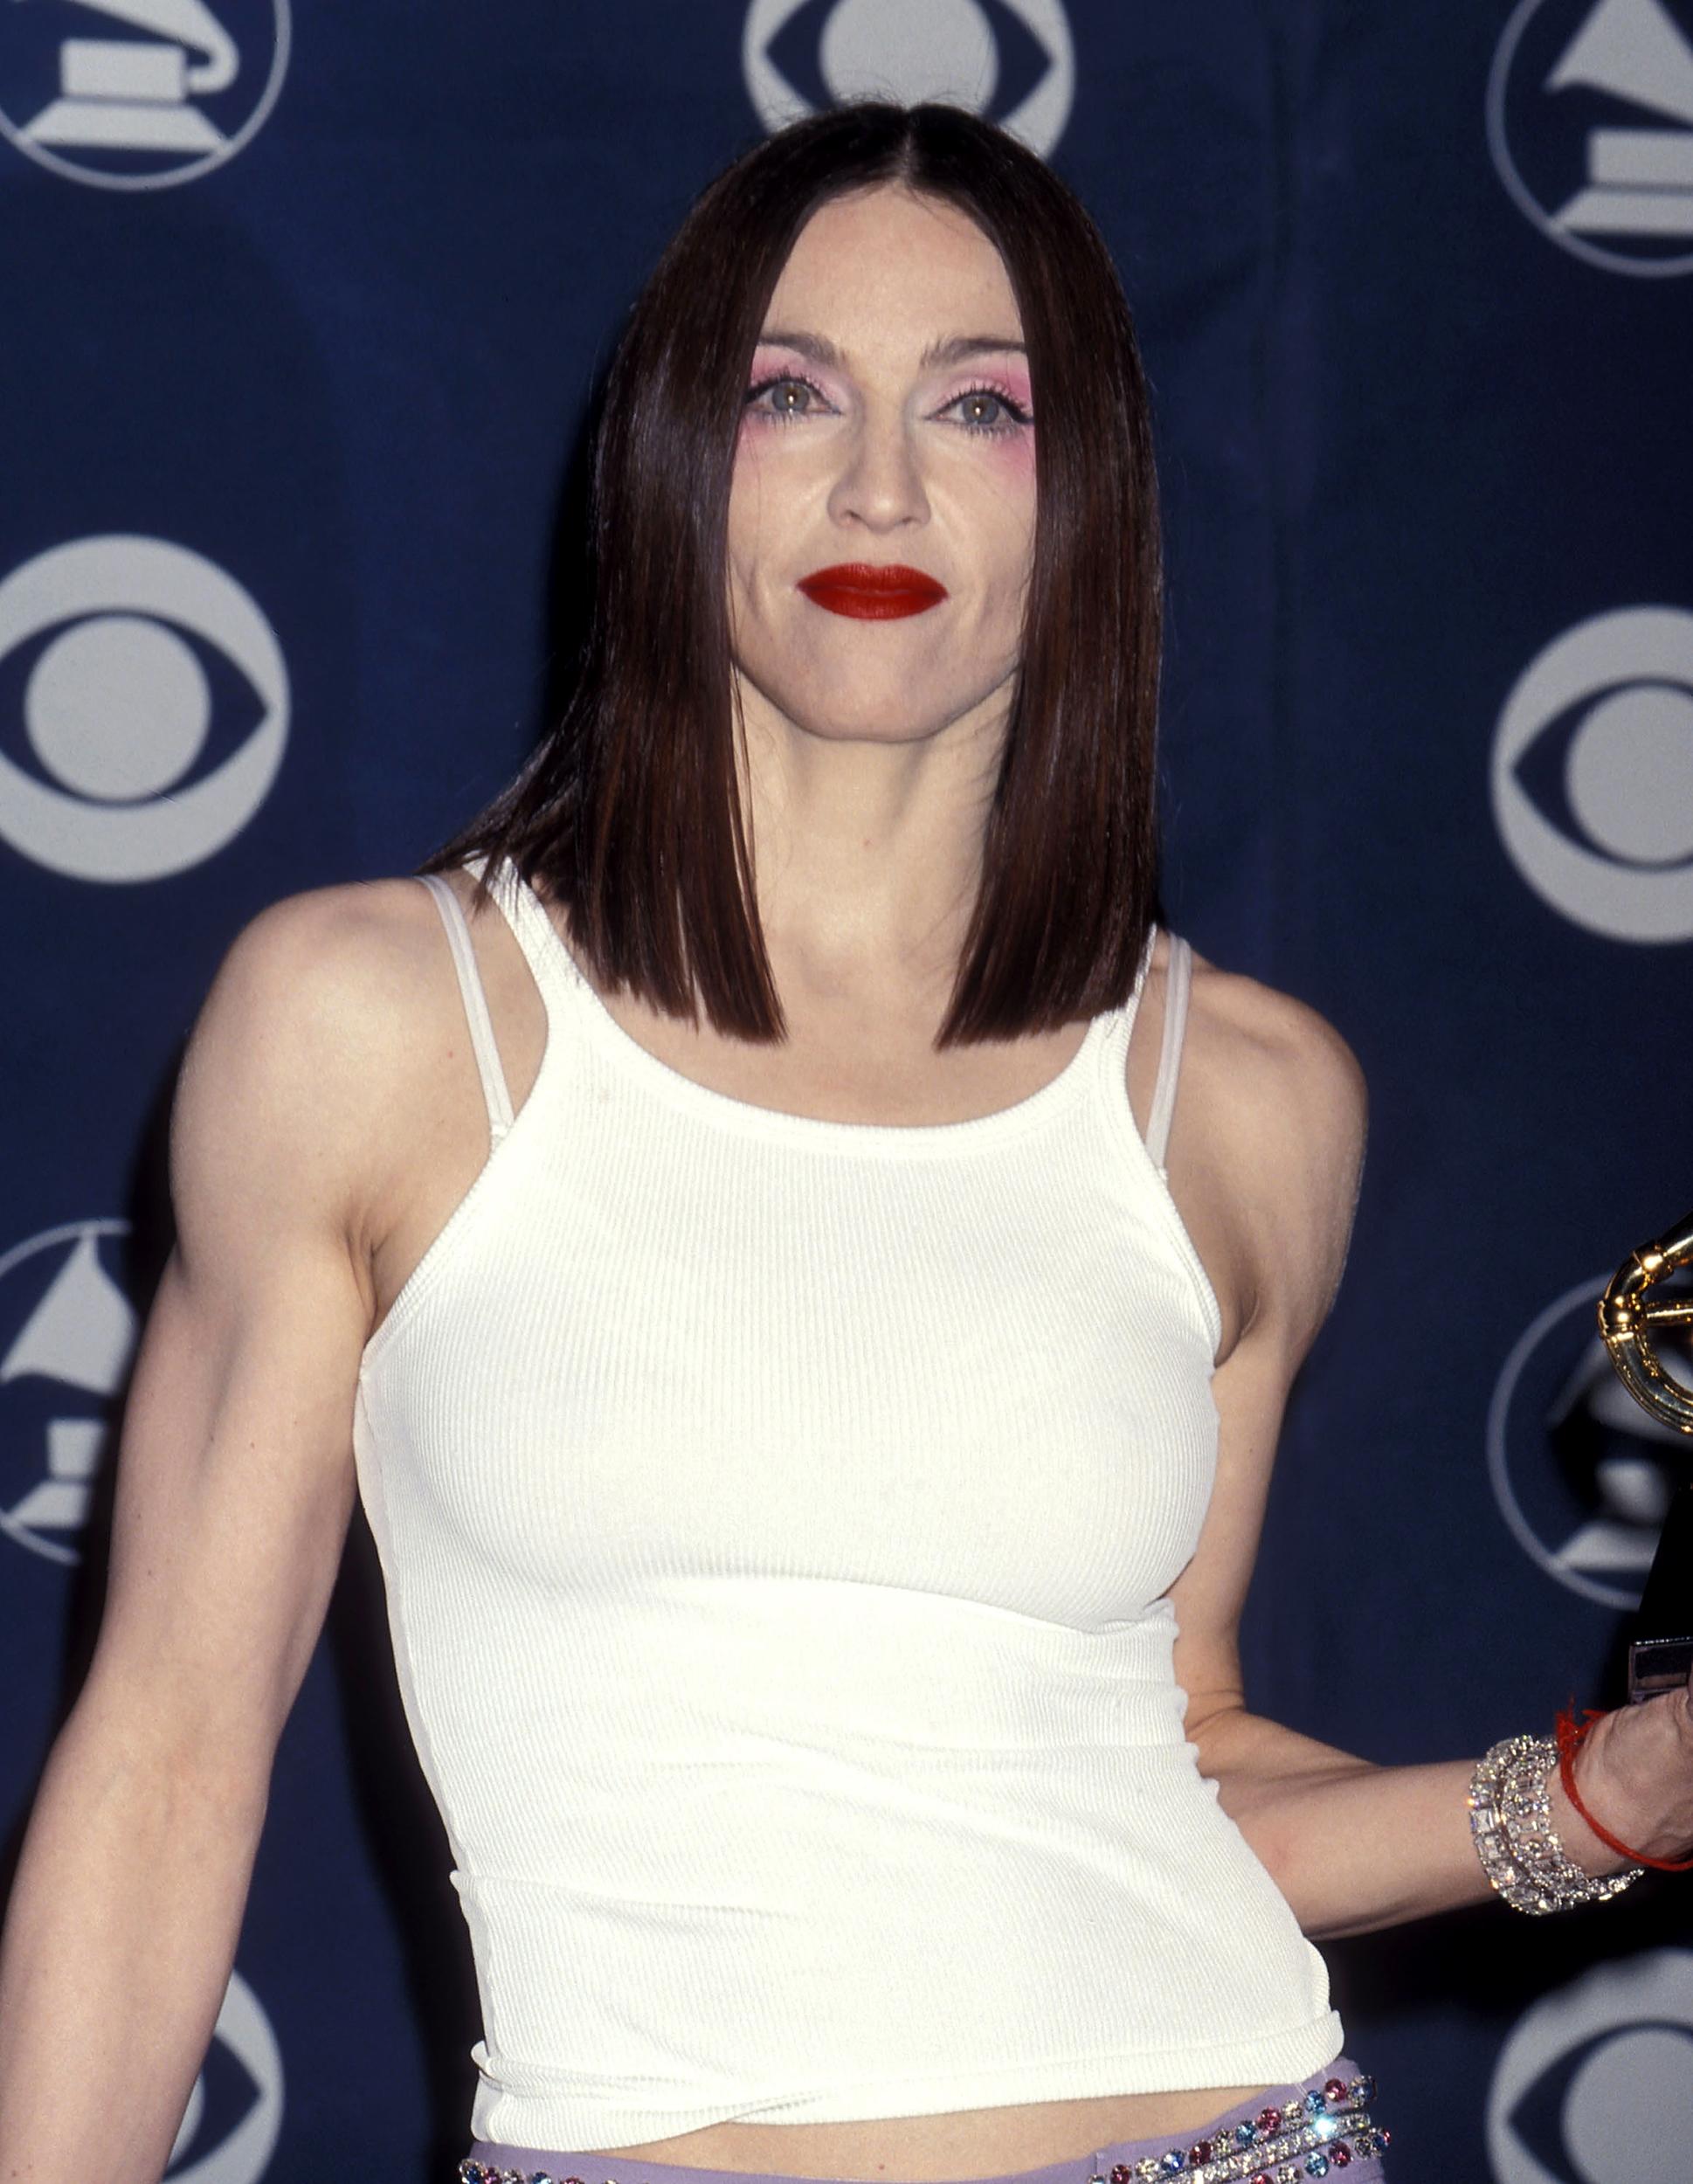 Madonna Dark Hair : madonna, Madonna, Teases, Darker, Hairdo, Adorable, Selfie, Daughter